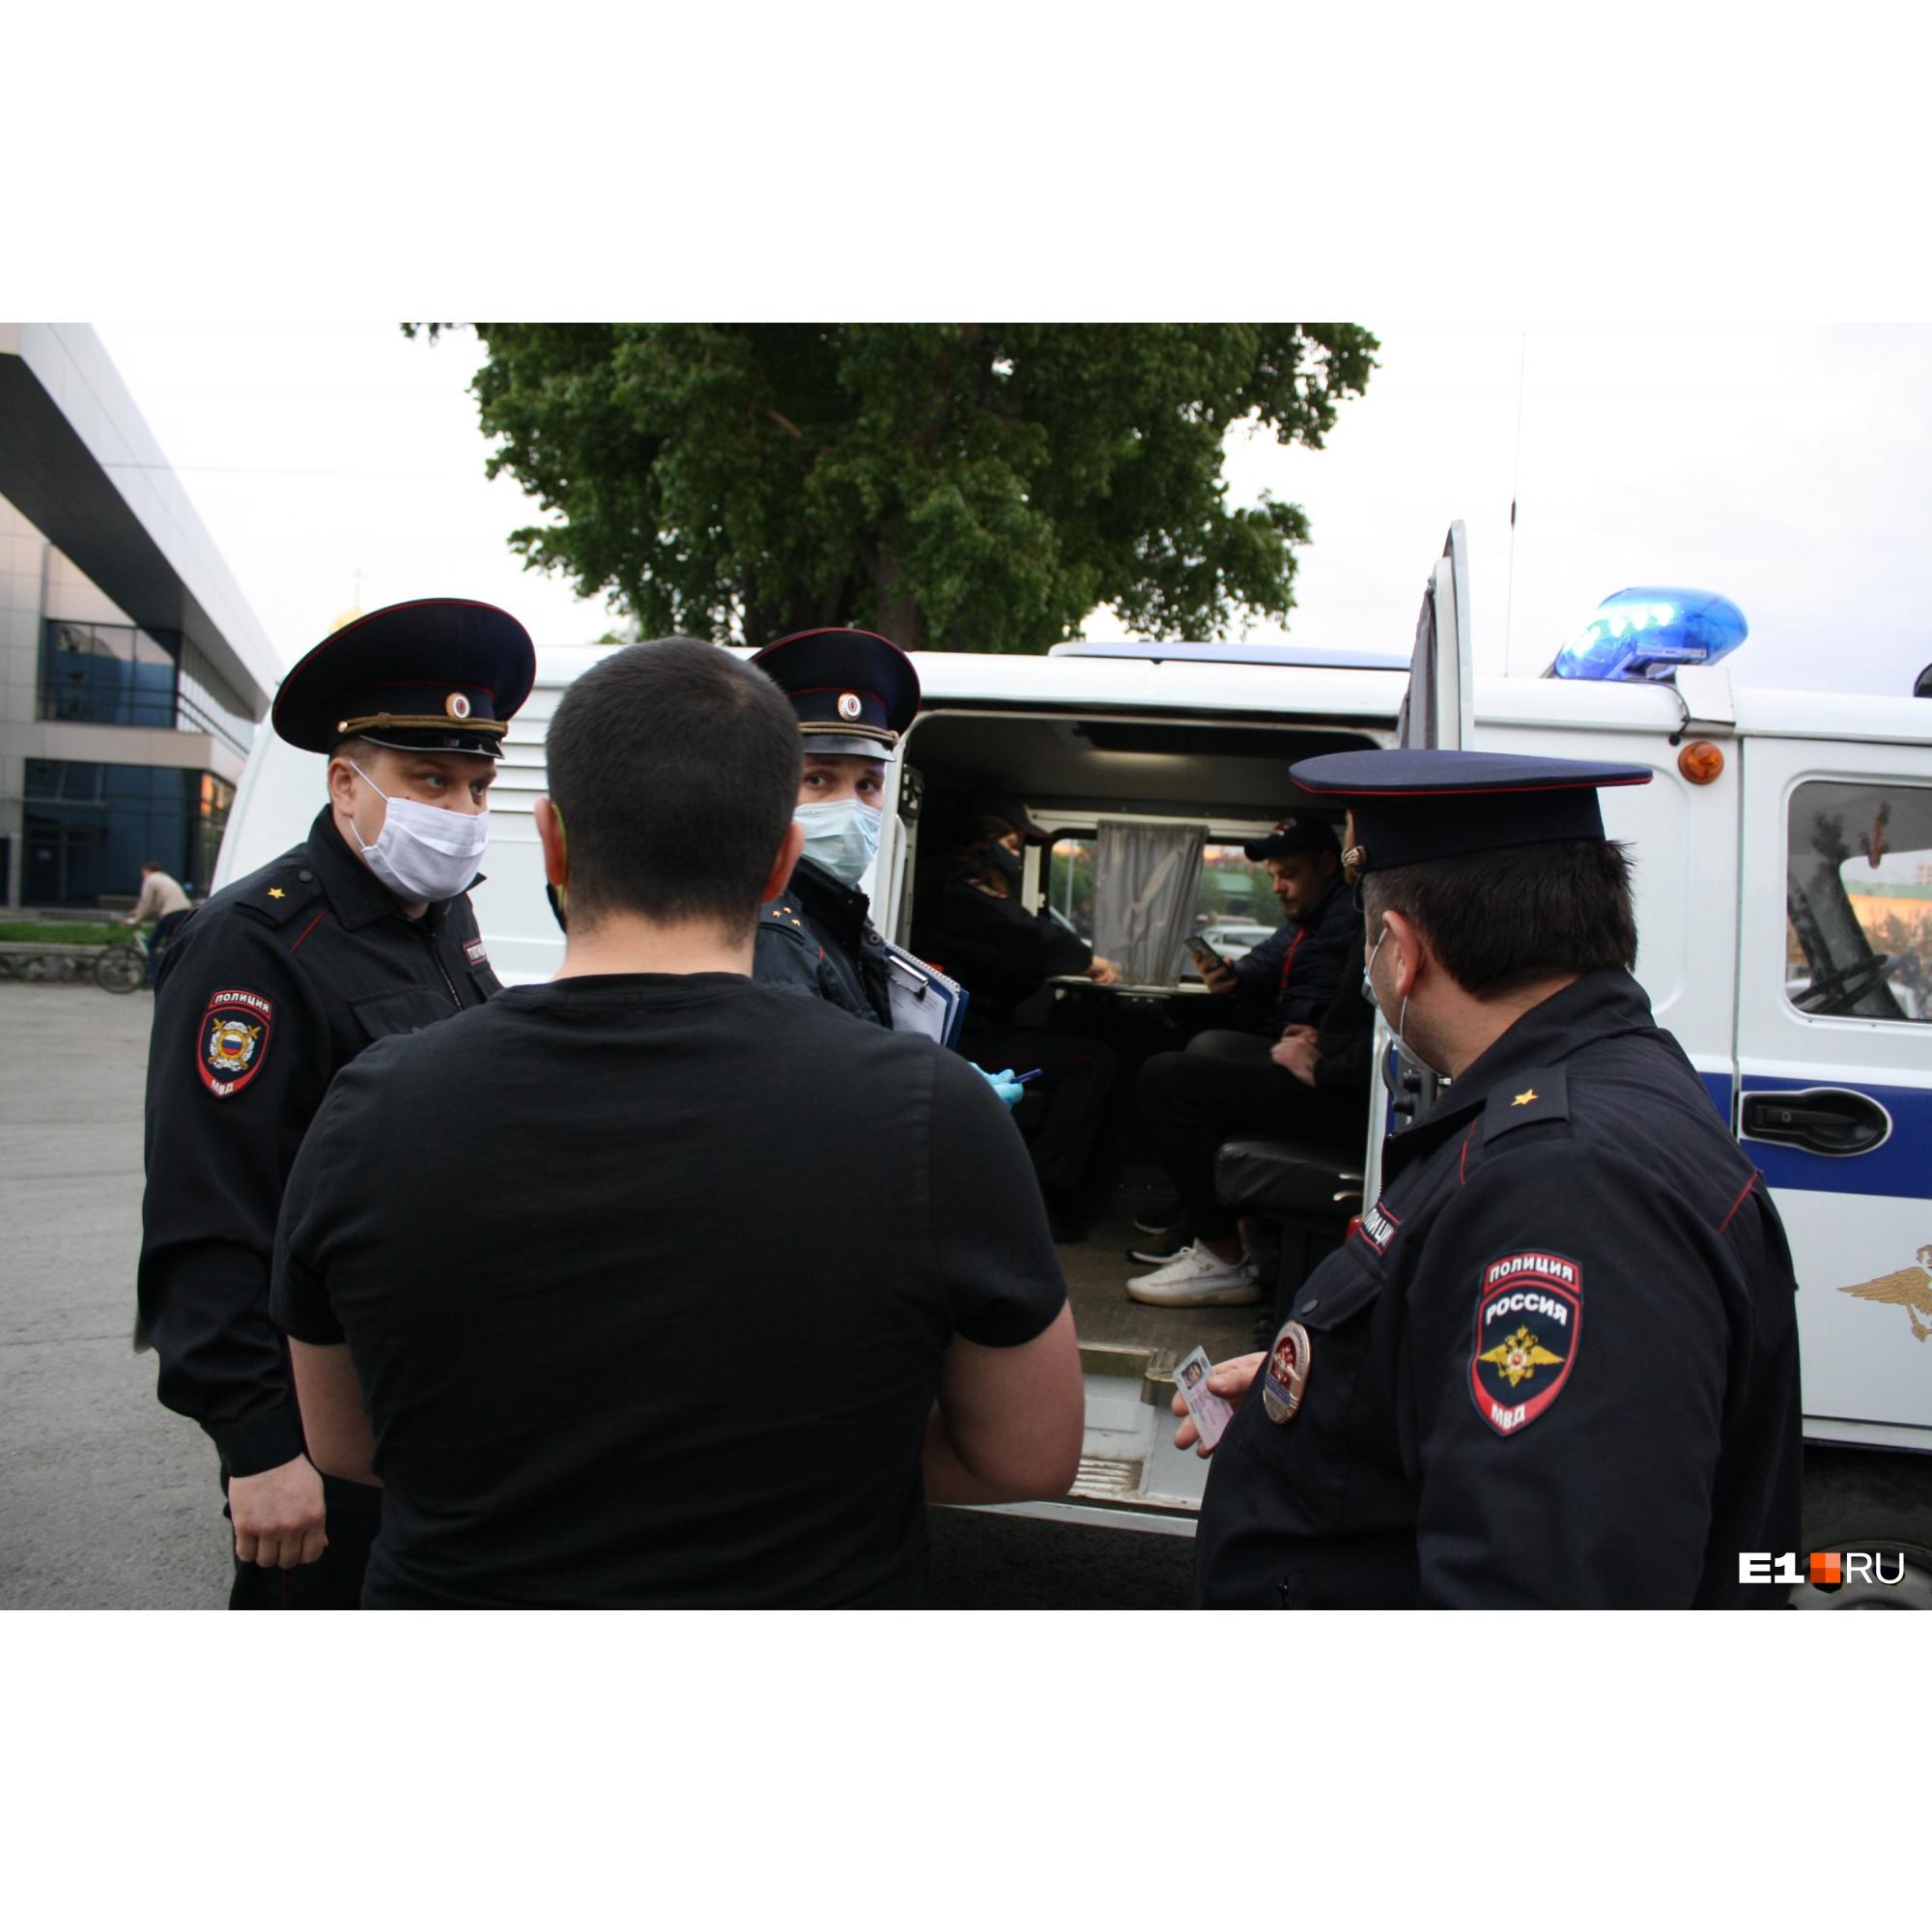 Полицейские стали подводить участников вечеринки к уазику, чтобы оформить на них протоколы